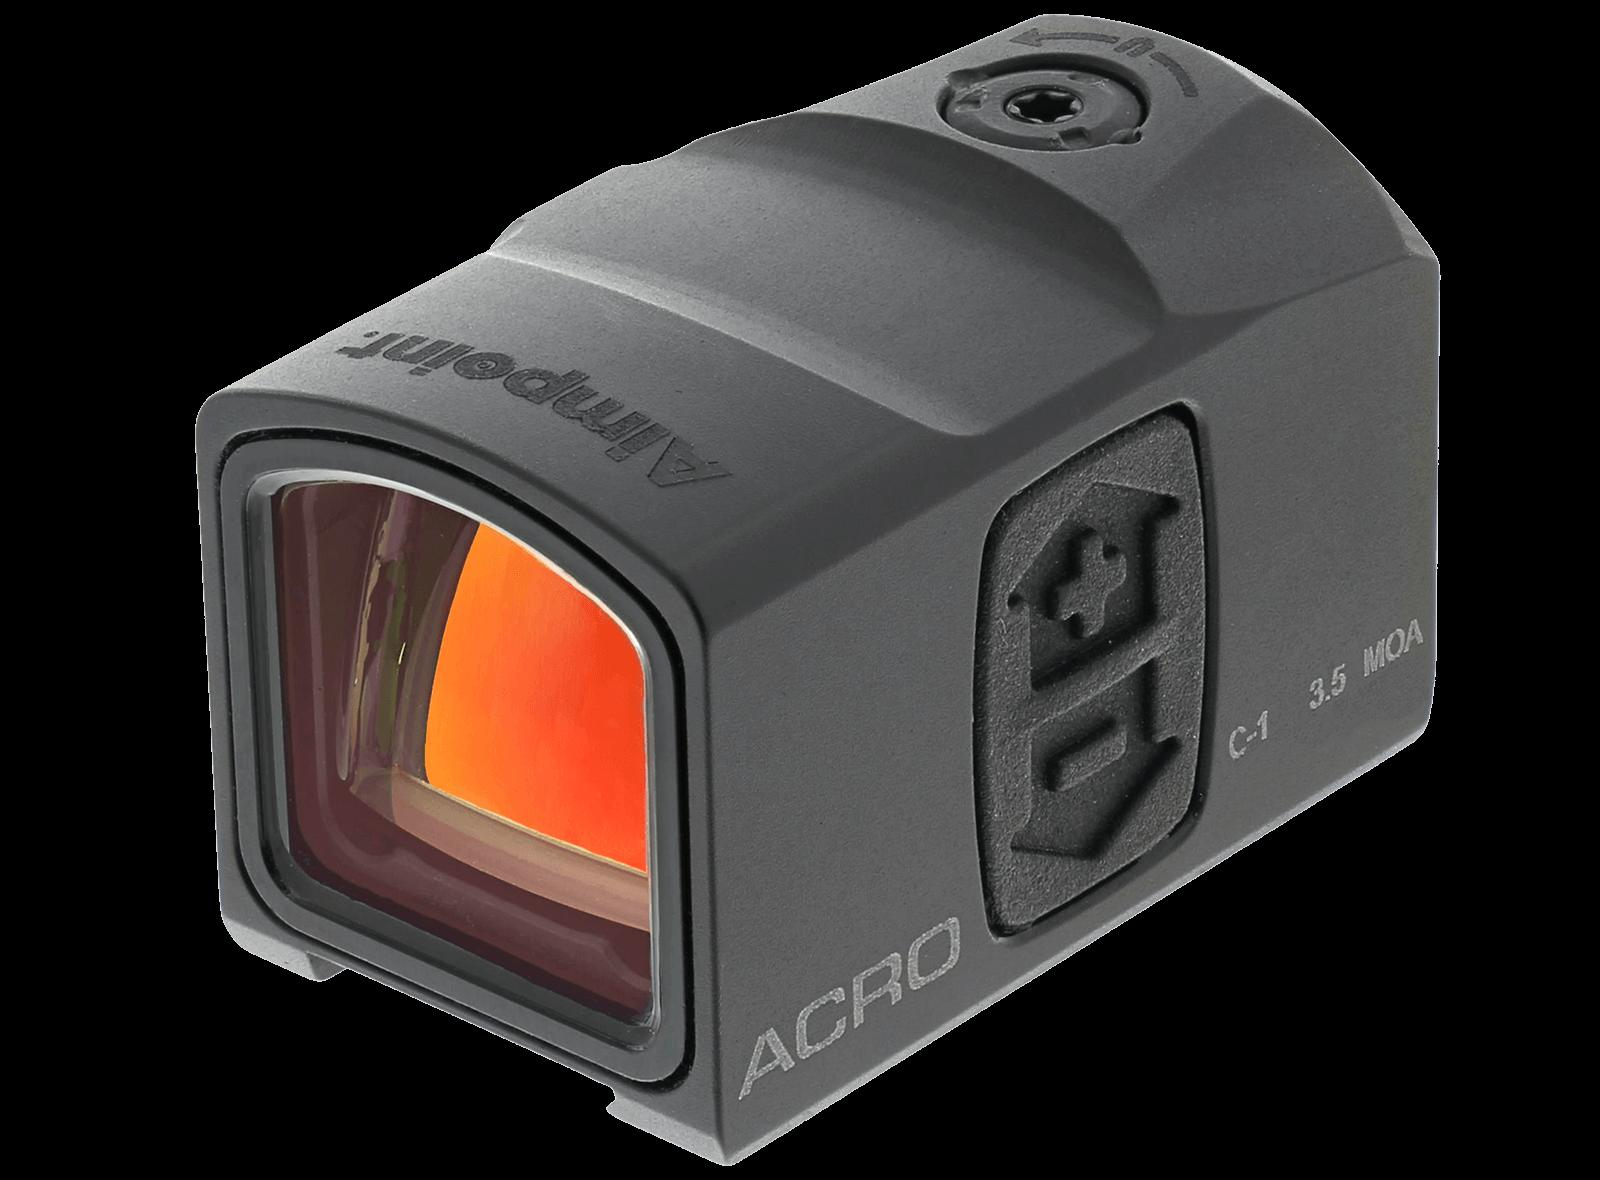 Rödpunktsikte Aimpoint ACRO C-1